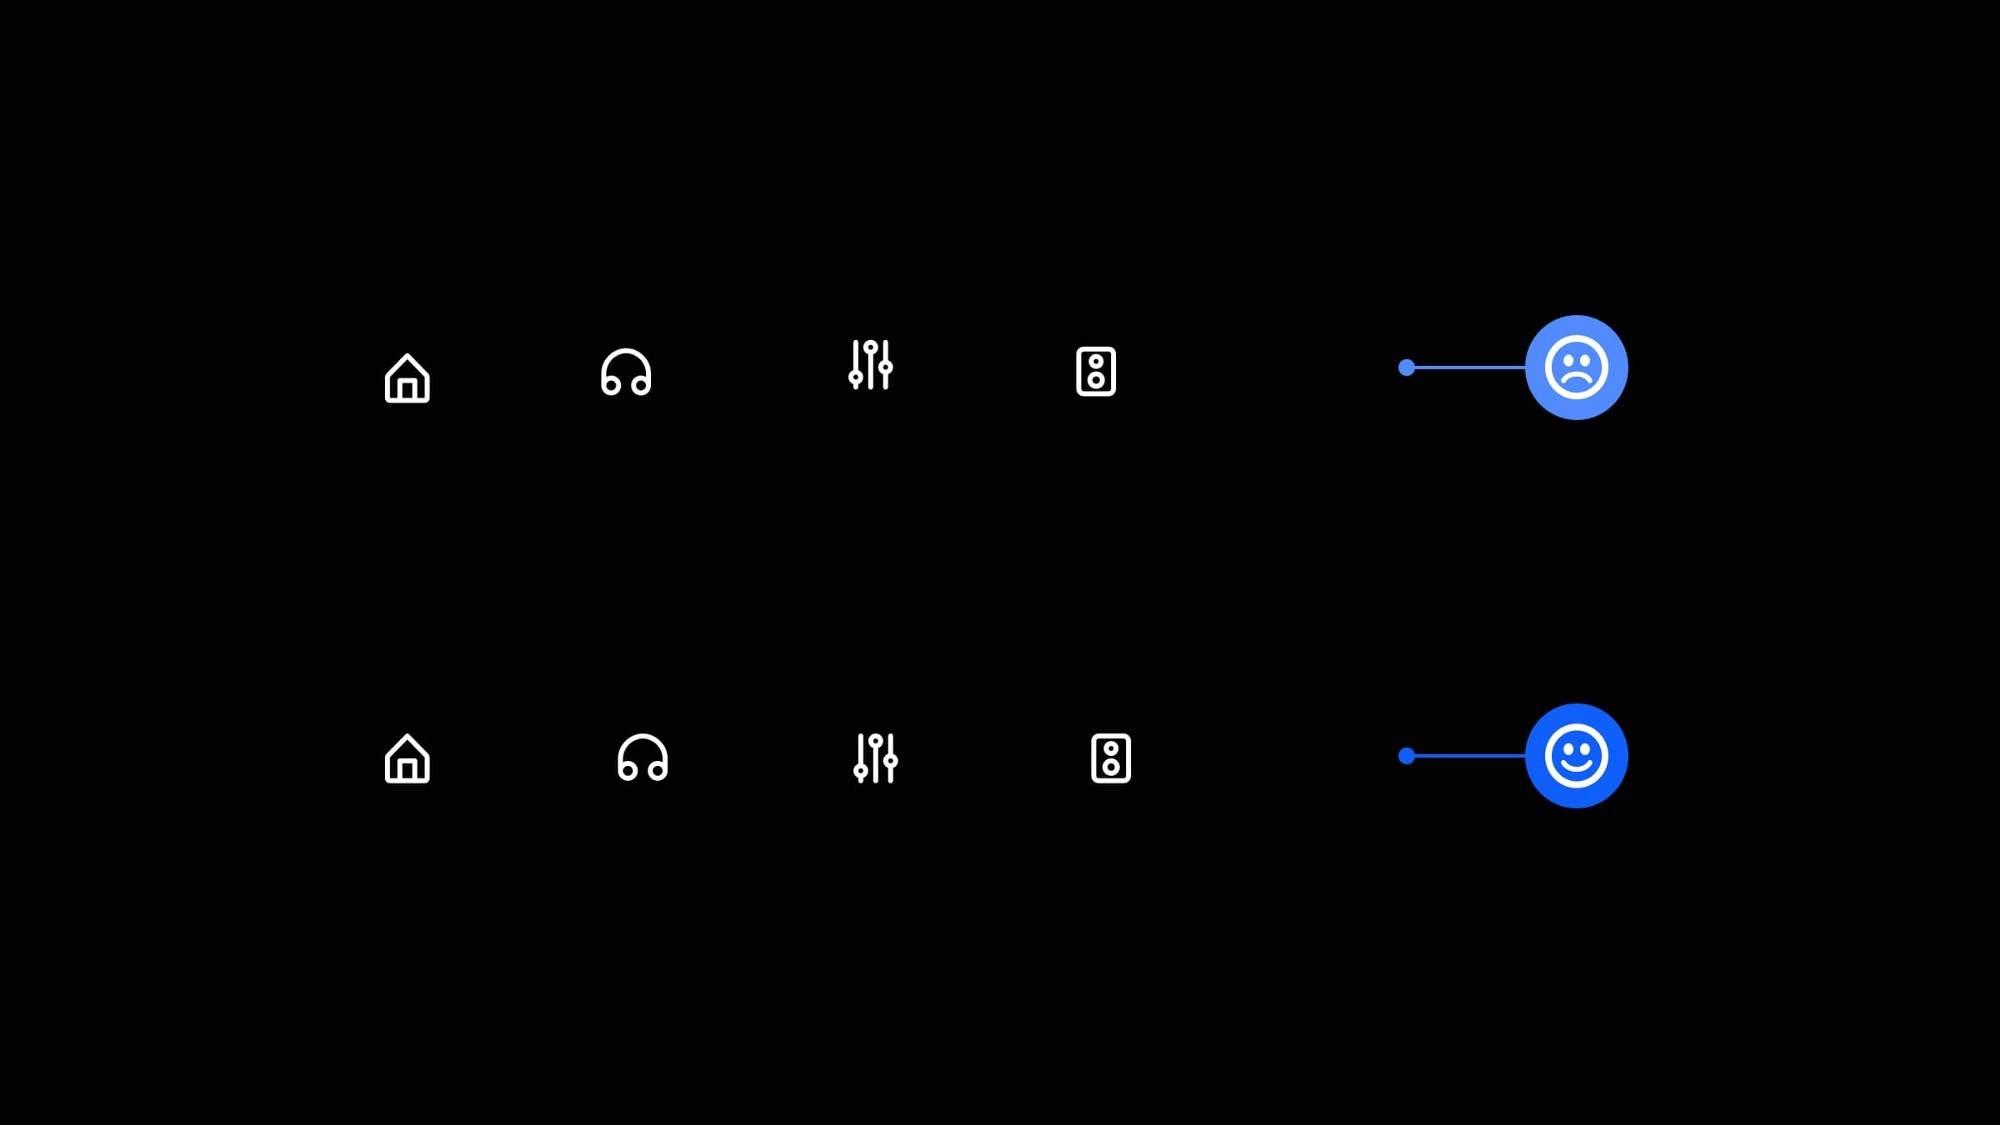 人人都可以是设计师:UI & UX 小技巧大全 (四)插图(6)